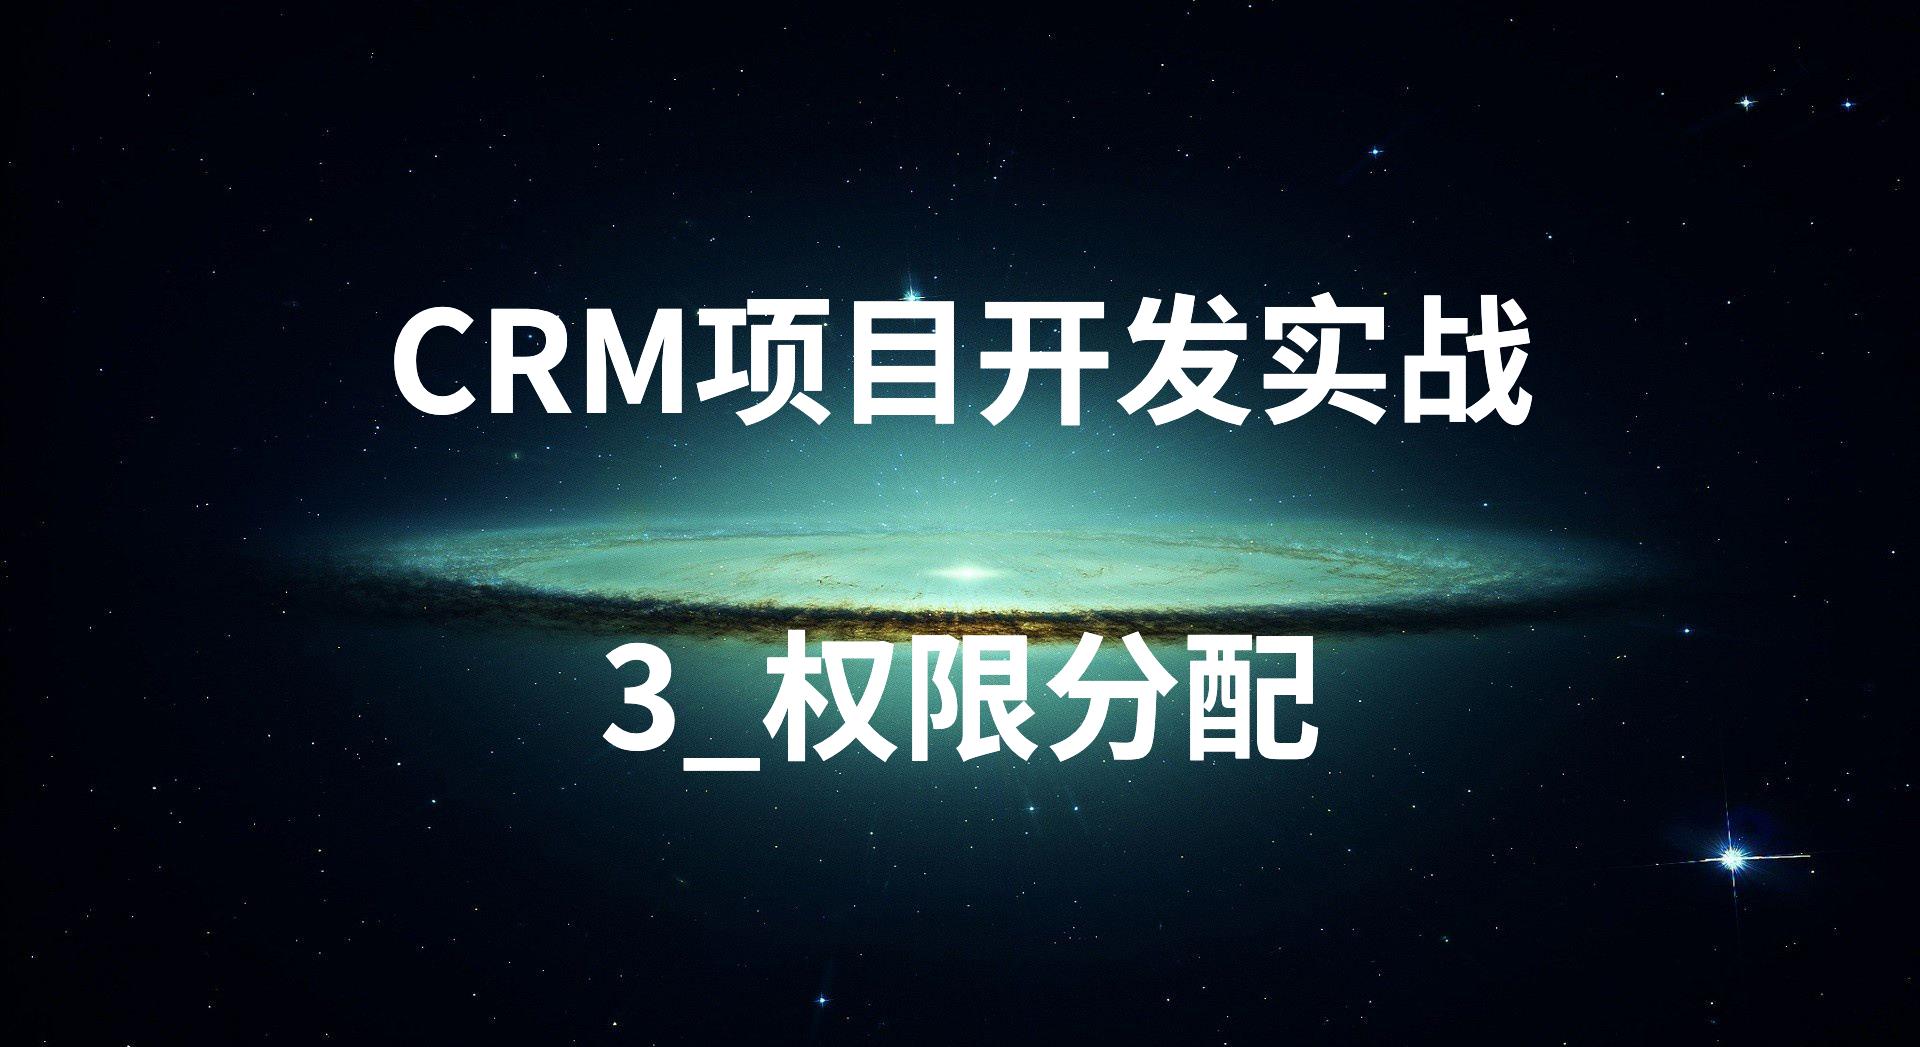 CRM项目开发实战-3_权限分配